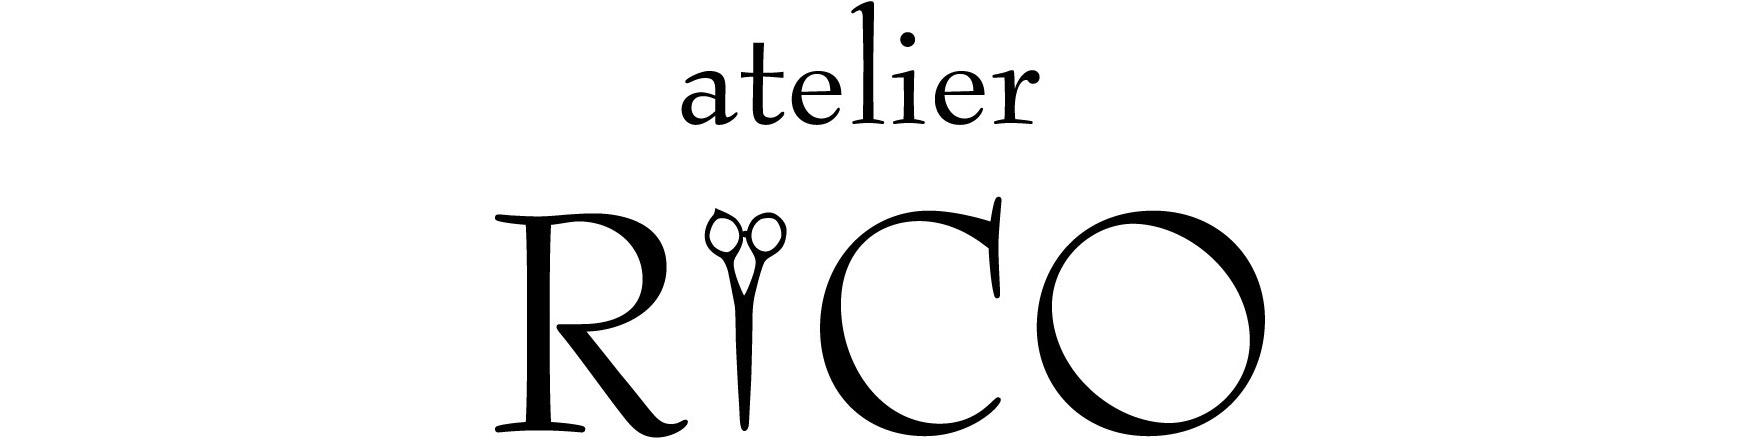 奈良県奈良市のヘアケア・頭皮ケアが得意な個室型美容室atelier RICO(アトリエリコ)